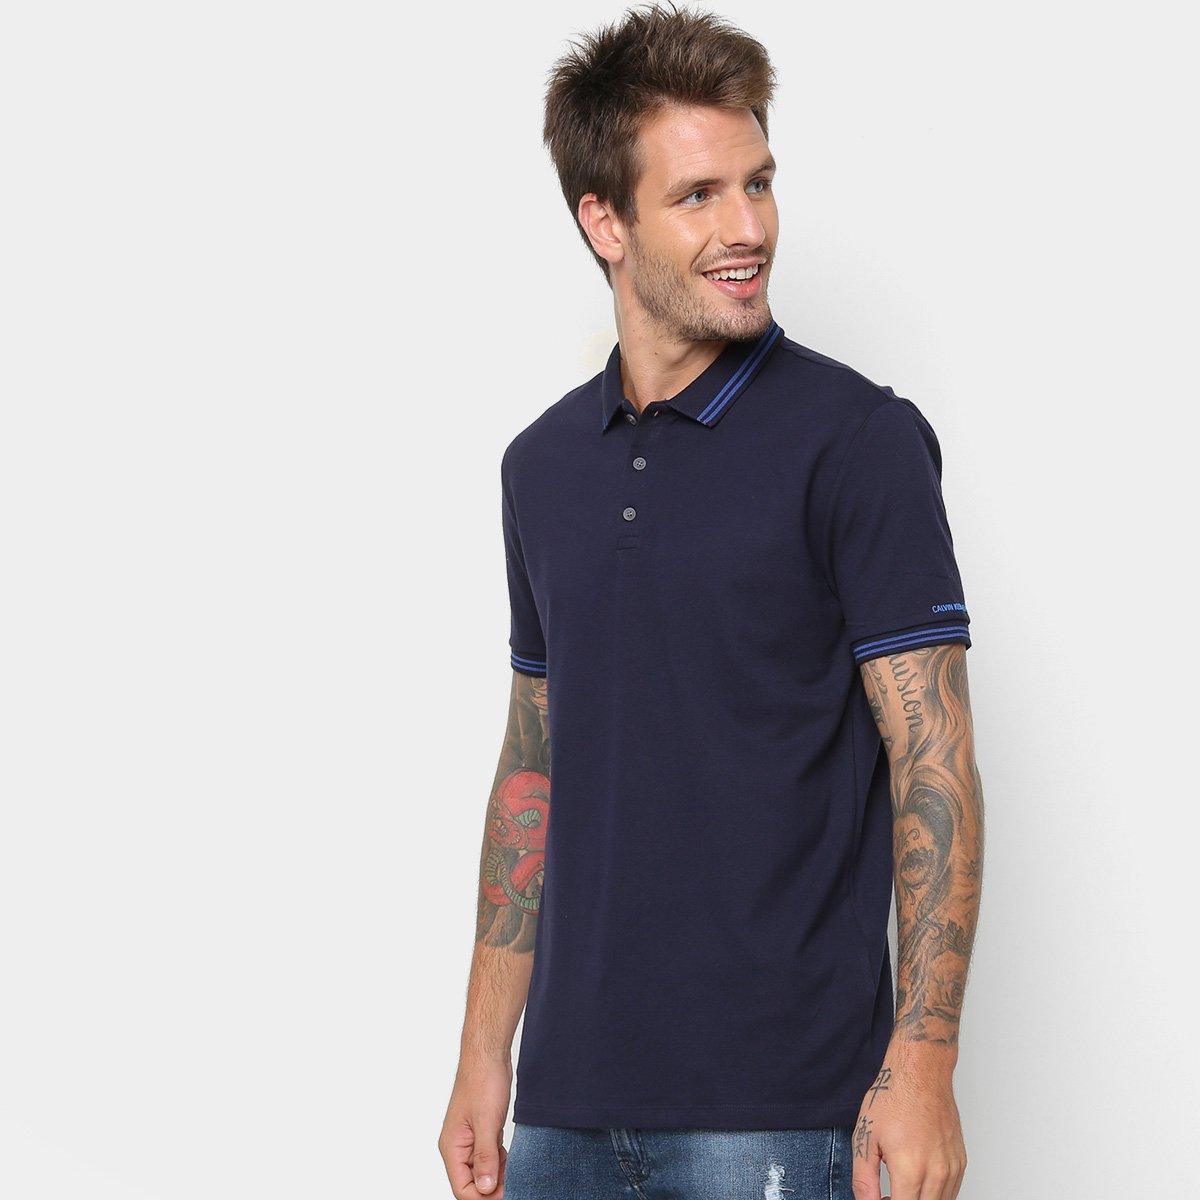 1337bc12ec Camisa Polo Calvin Klein Listras Masculina - Tam  M - Shopping TudoAzul